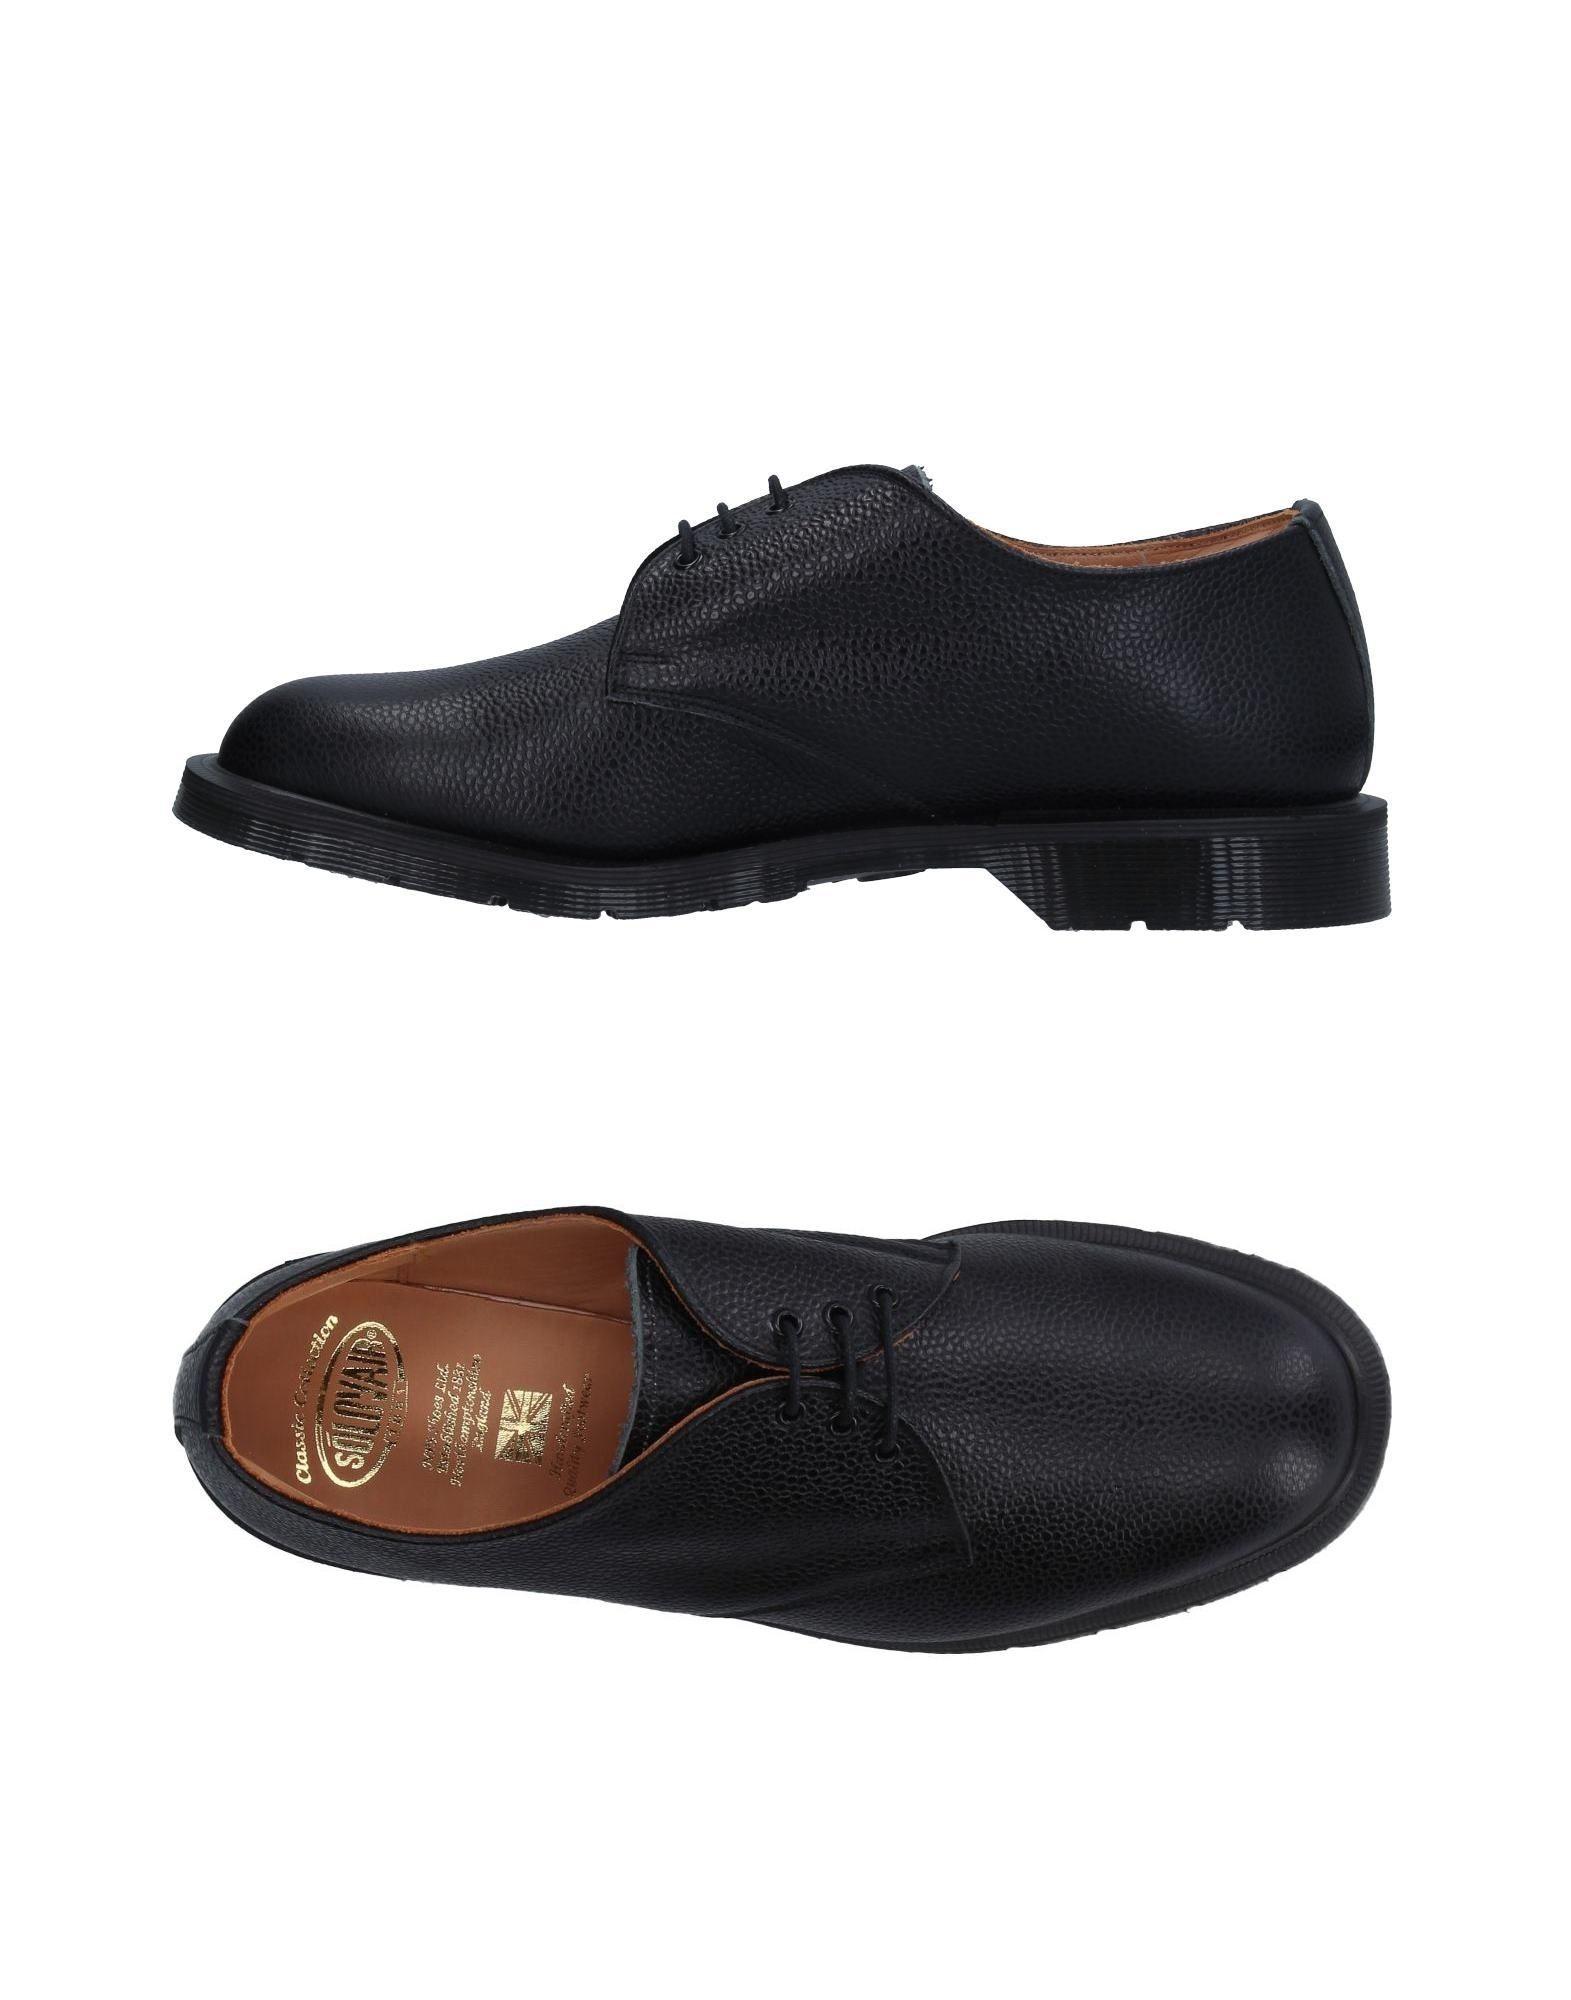 Rabatt echte Schuhe Solovair 1881 Schnürschuhe Herren  11297184JD